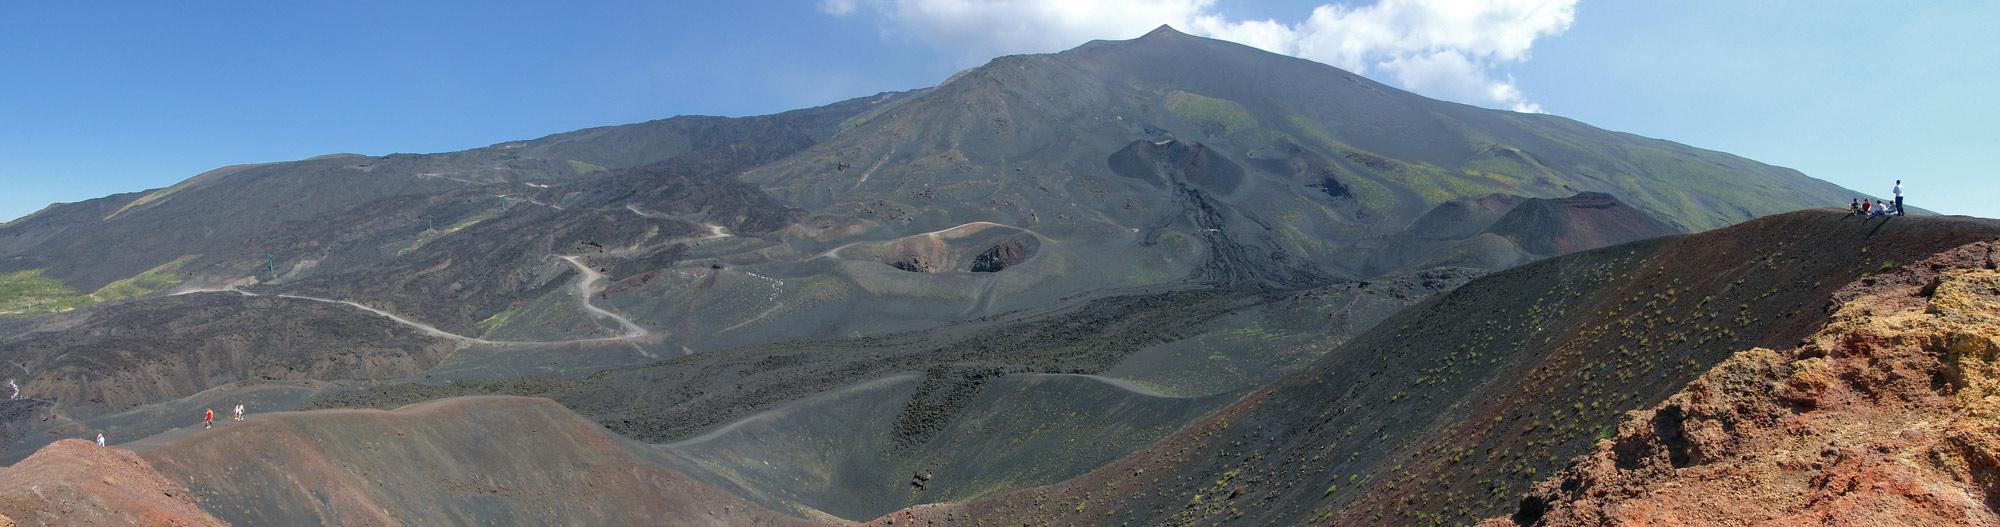 Mount Etna South Side